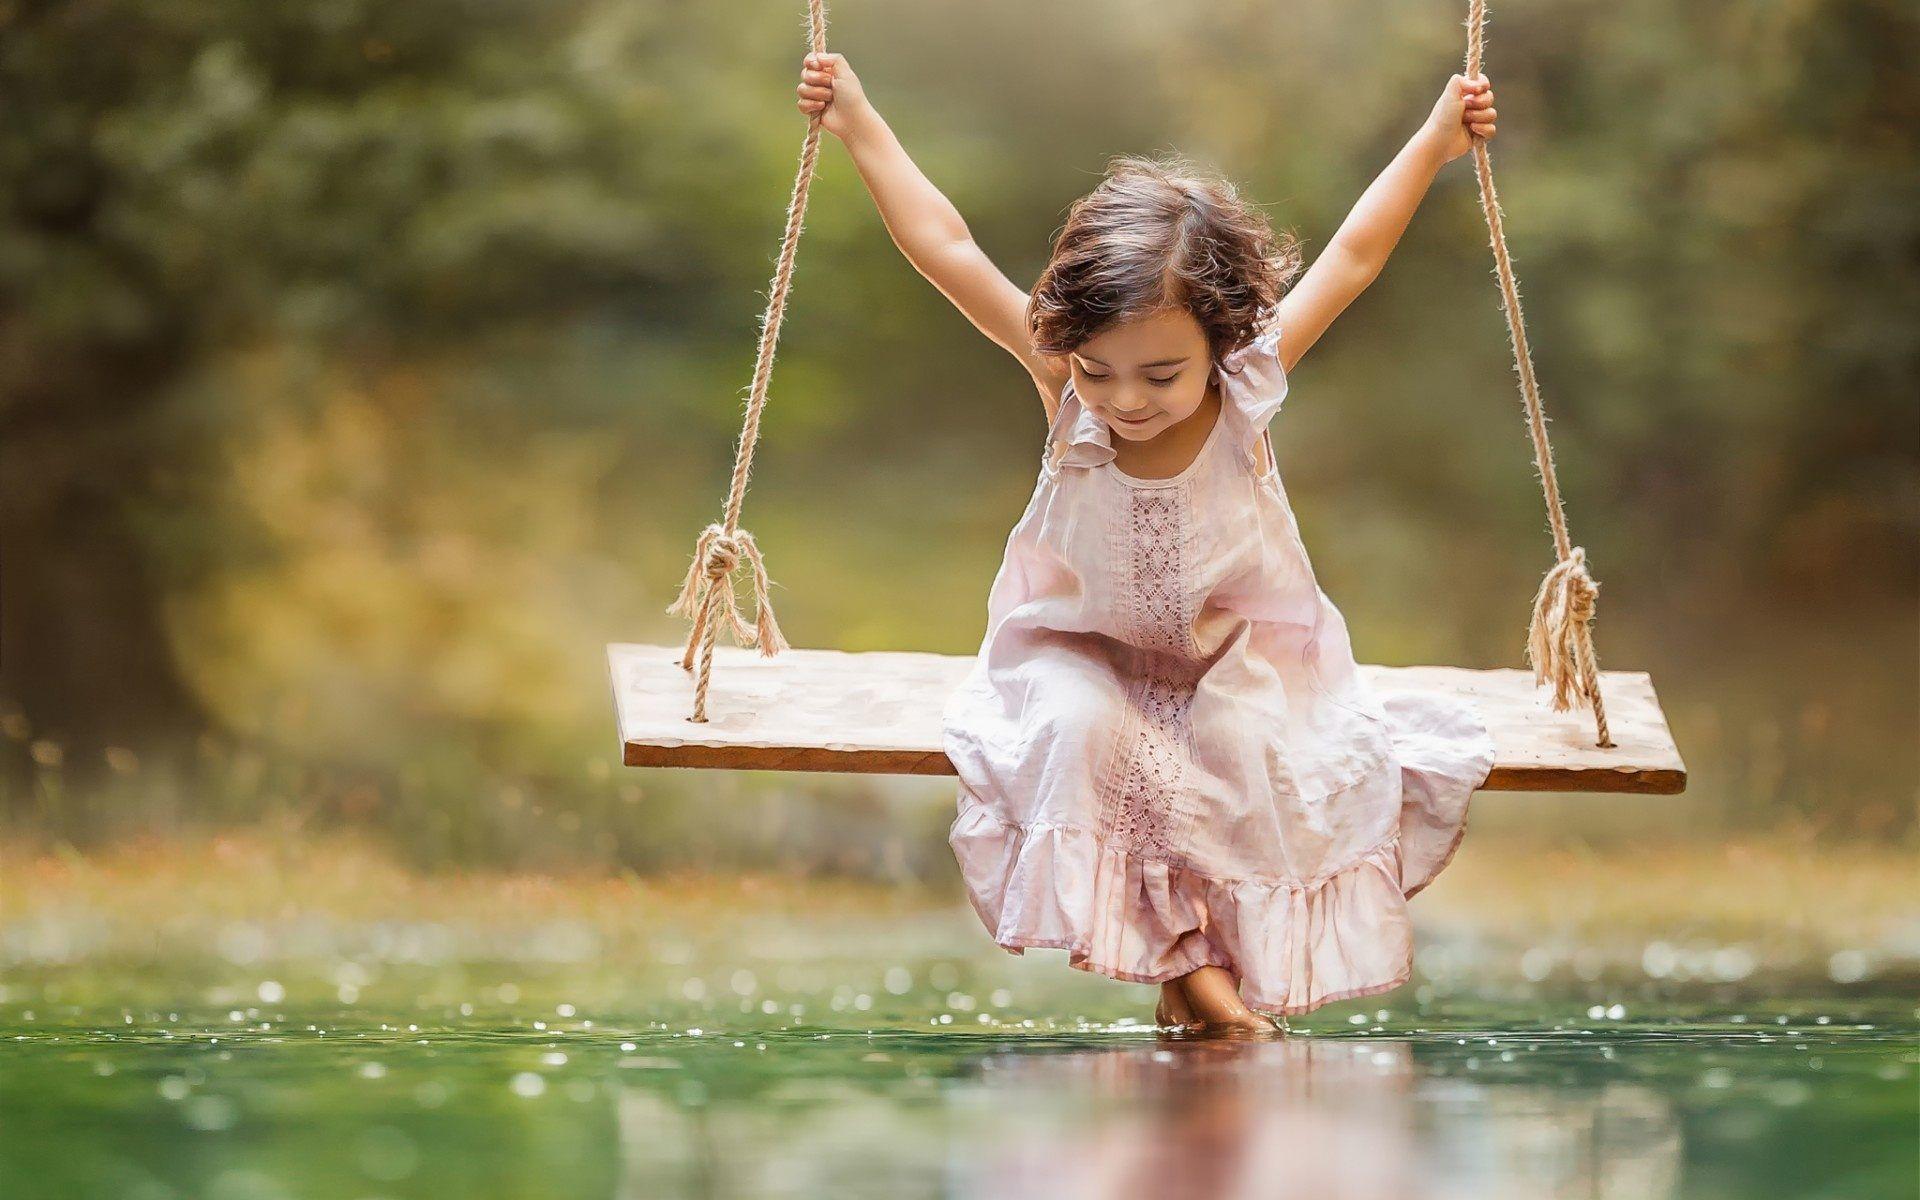 Small Girl Taking Swing | Cute HD 4k Wallpapers